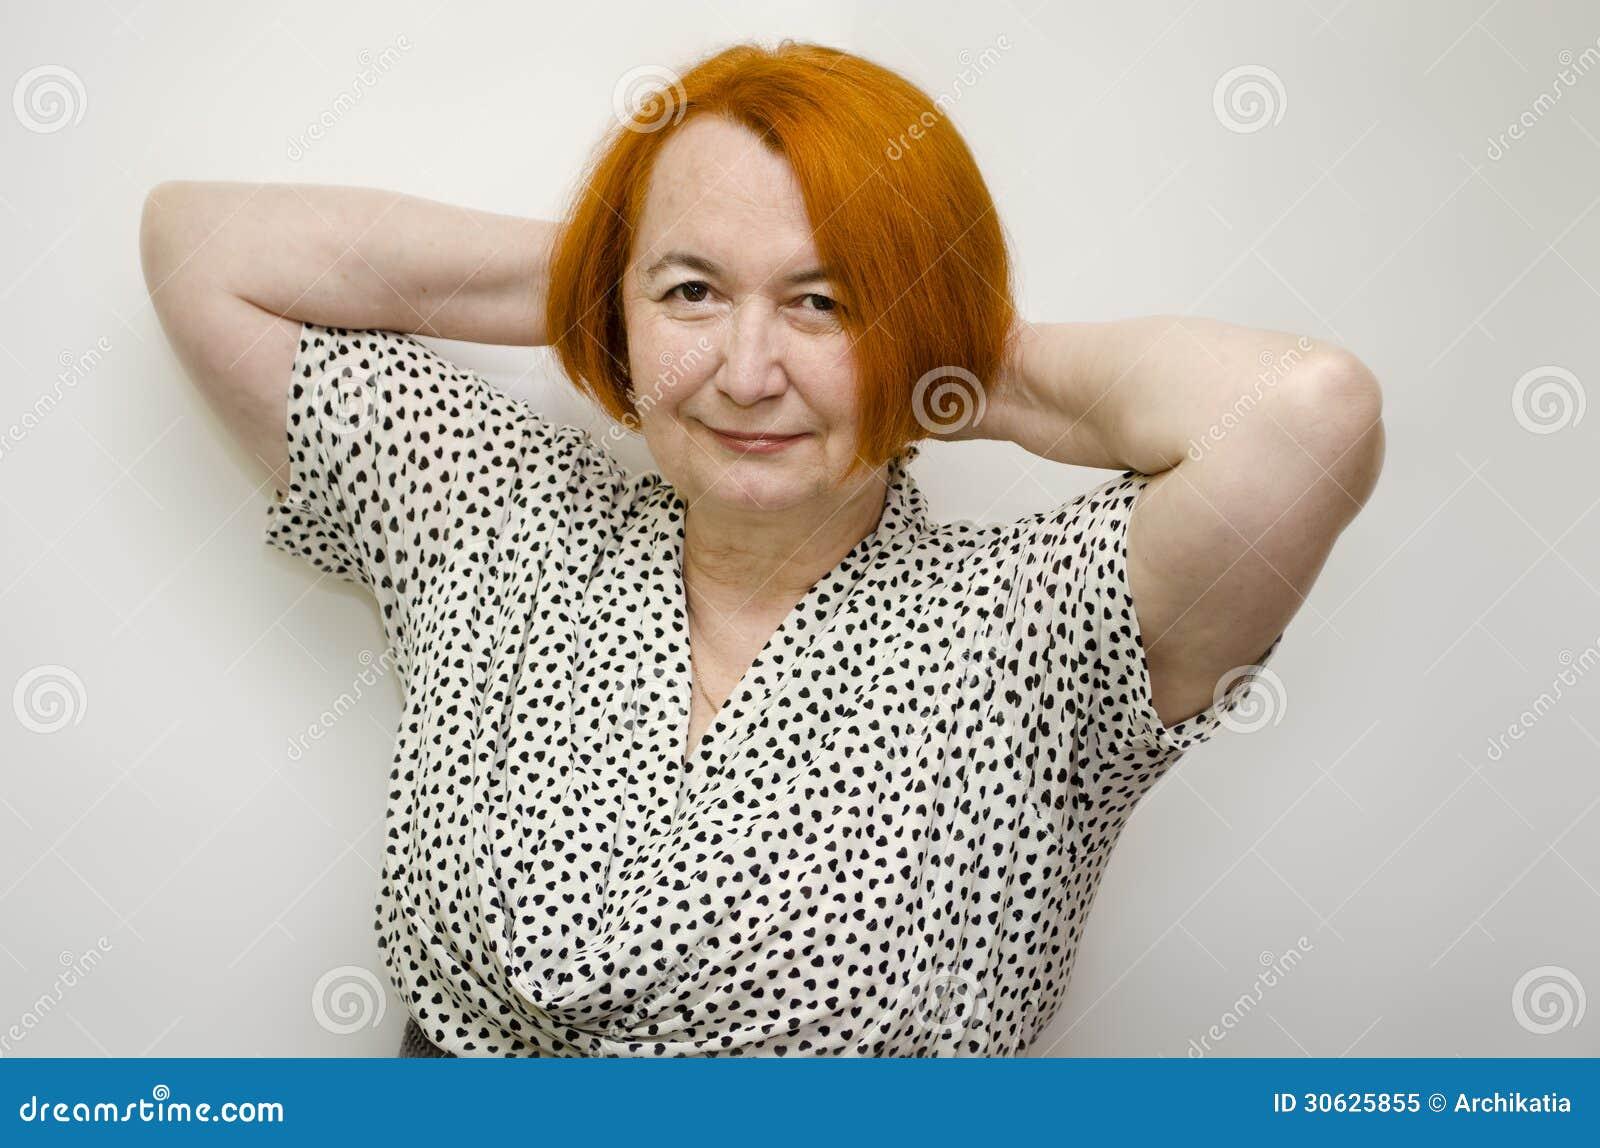 зрелая женщина с волосами